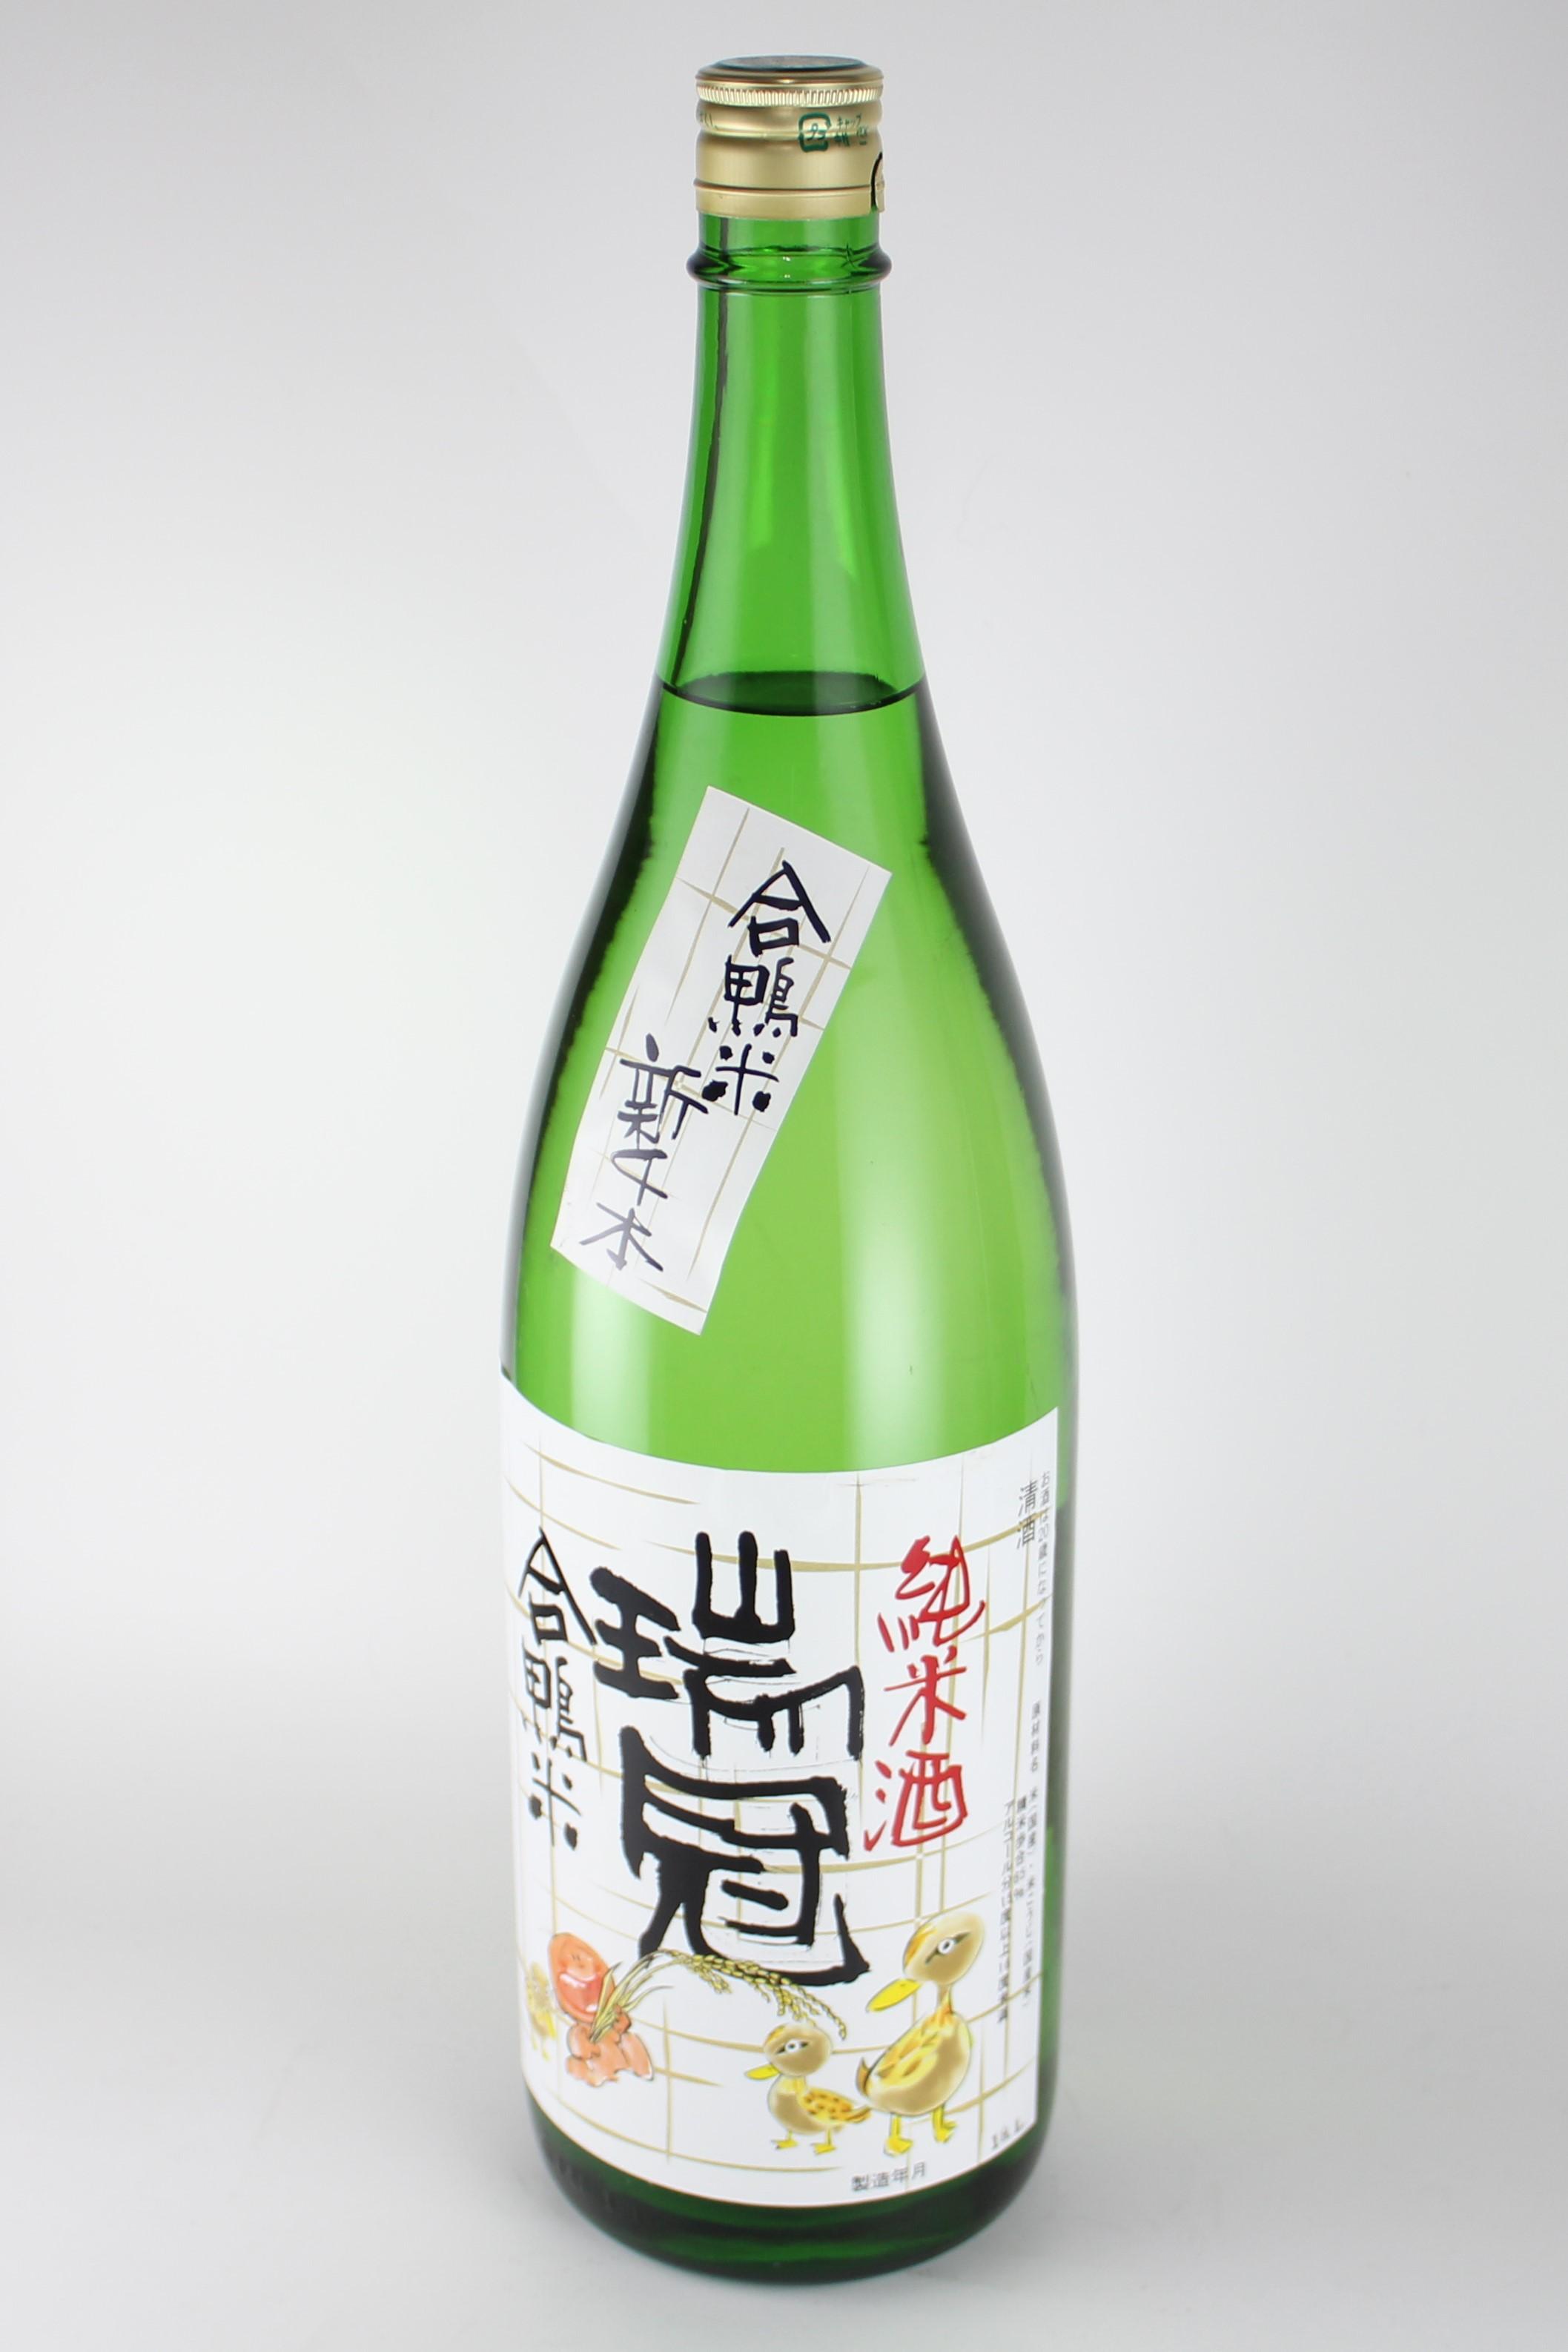 瑞冠 純米 合鴨米 1800ml 【広島/山岡酒造】2016醸造年度